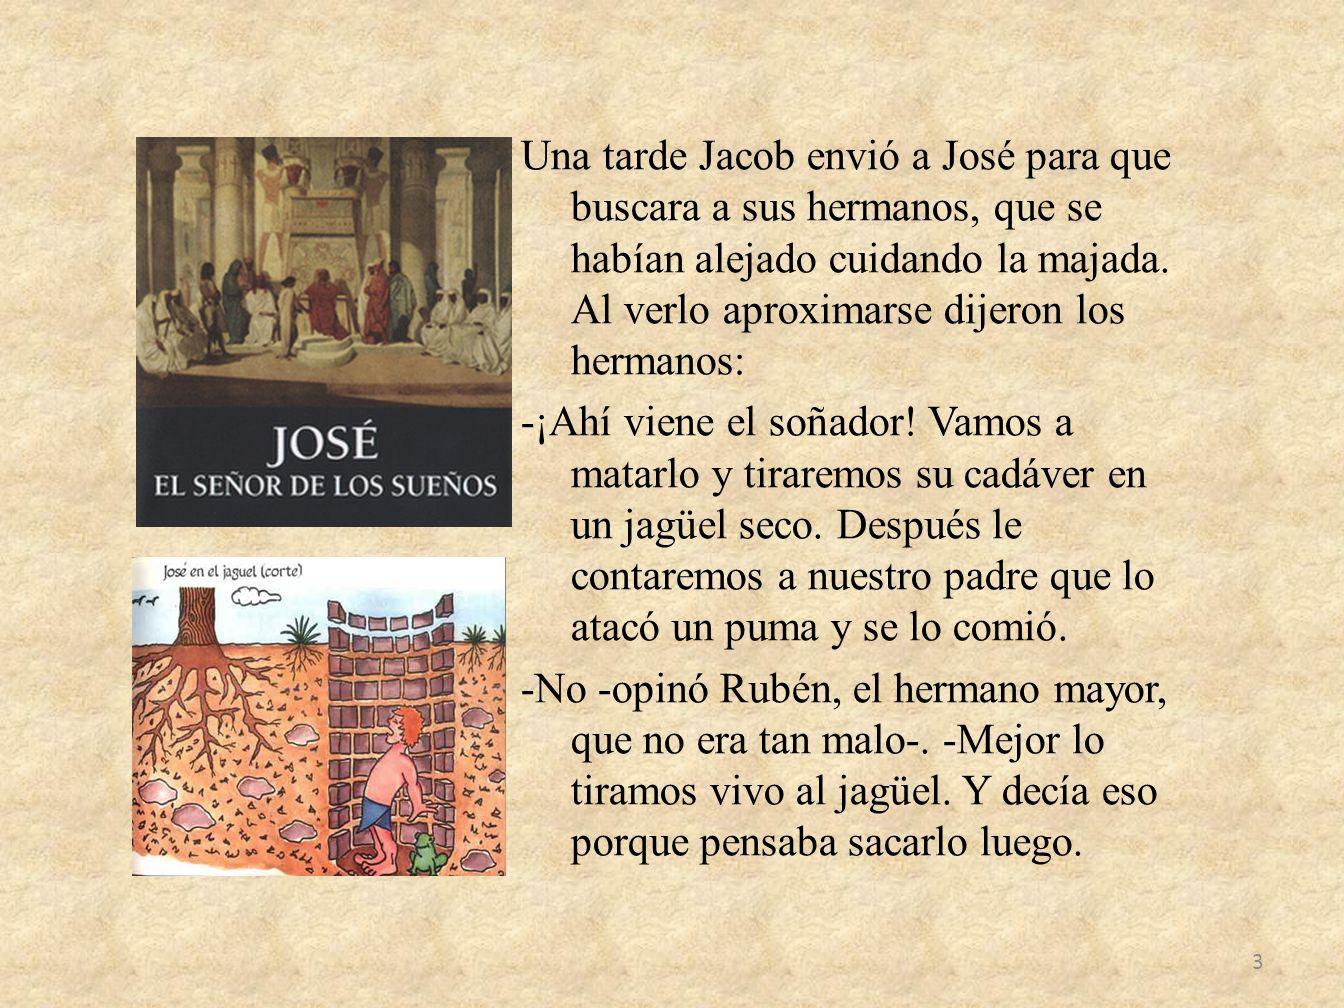 Una tarde Jacob envió a José para que buscara a sus hermanos, que se habían alejado cuidando la majada.